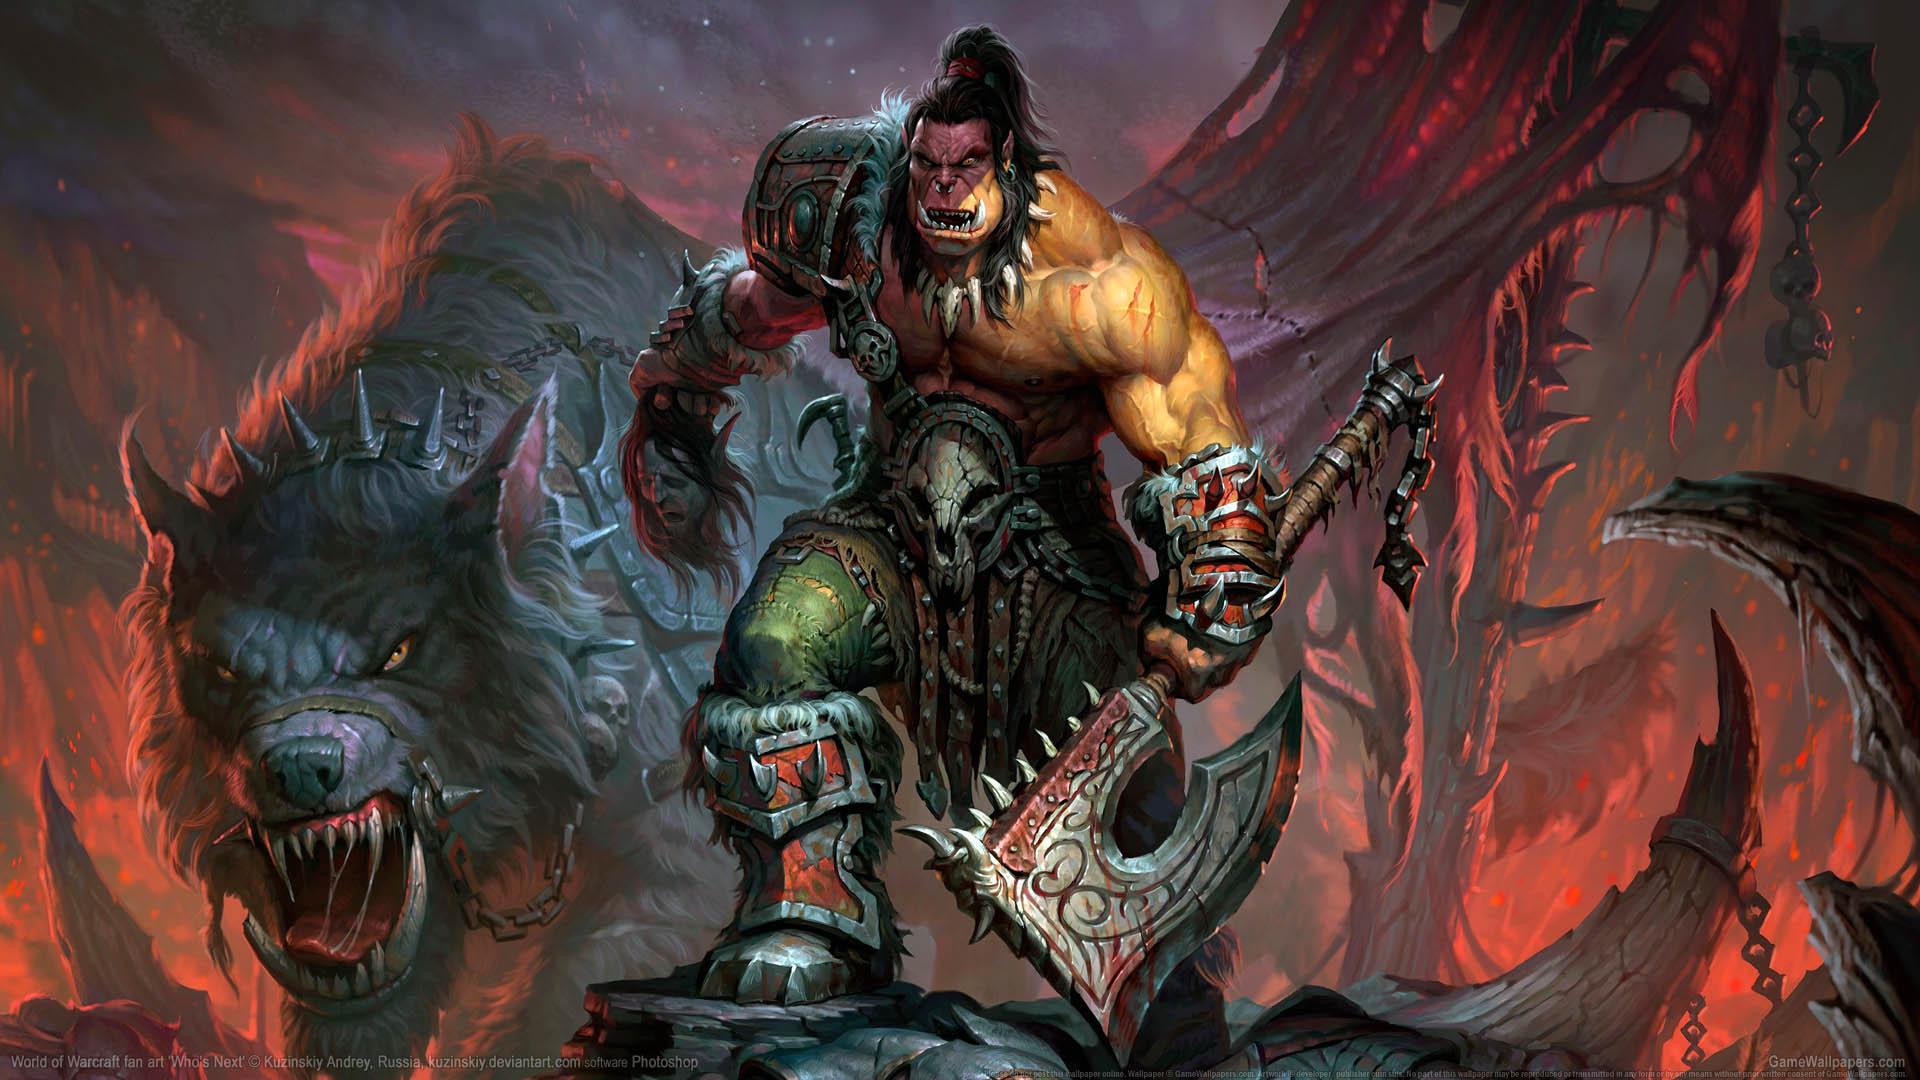 World of Warcraft fan art wallpaper 01 1920x1080